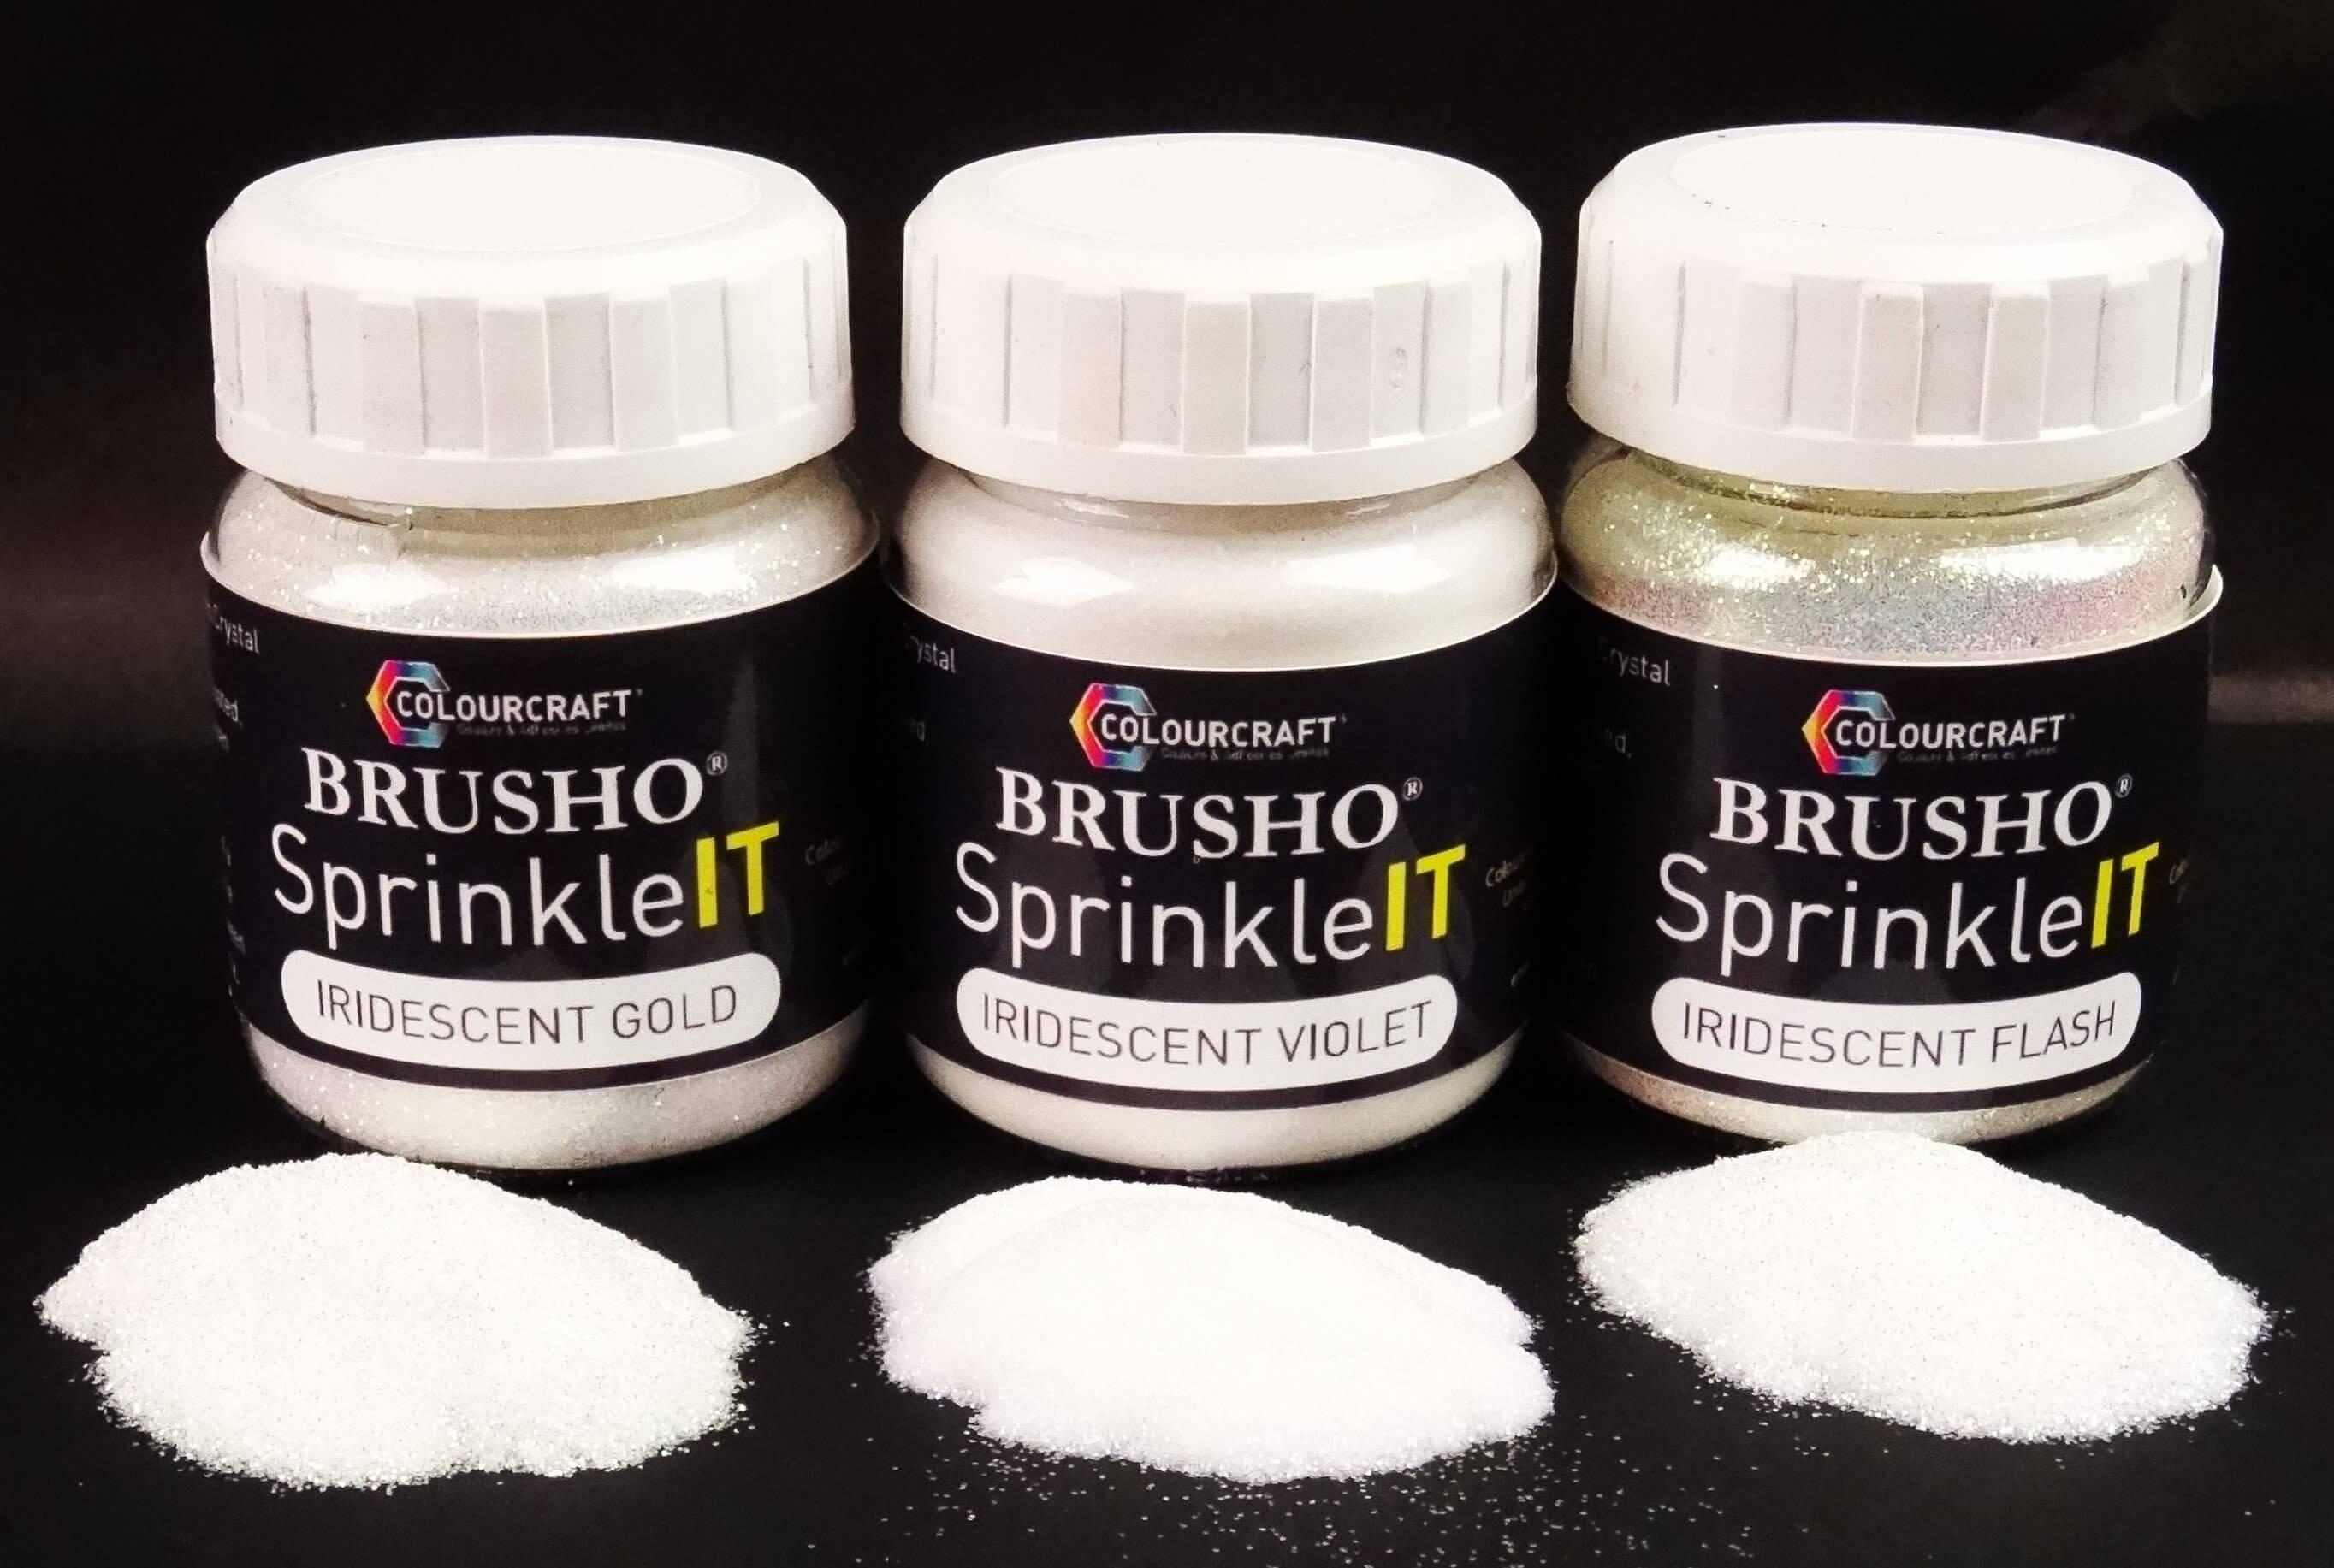 Brusho SprinkleIT Iridescent Flash 10g